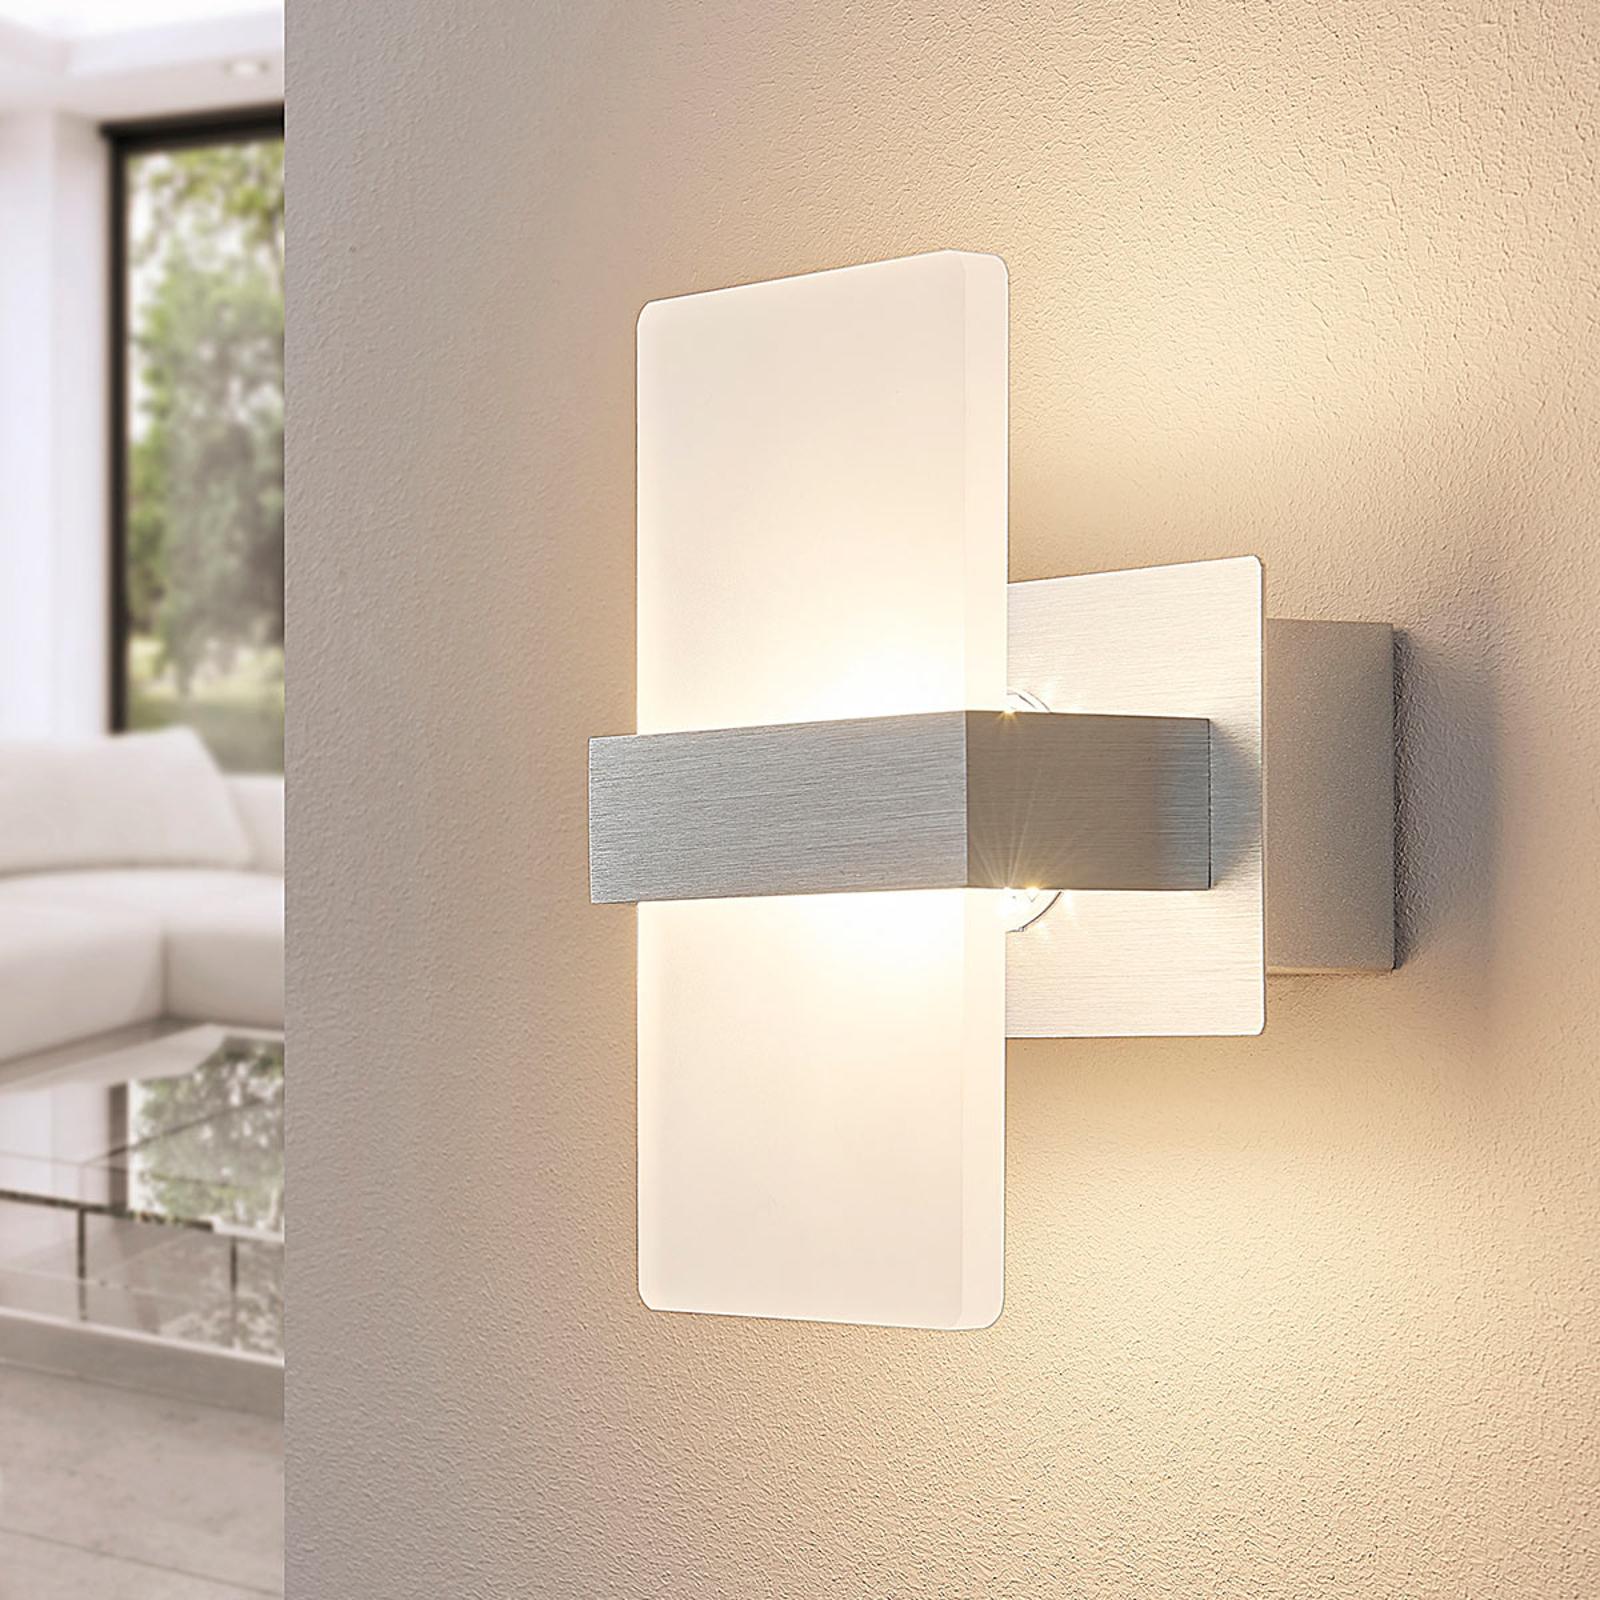 Applique LED Yorick, diaphragme en plastique blanc